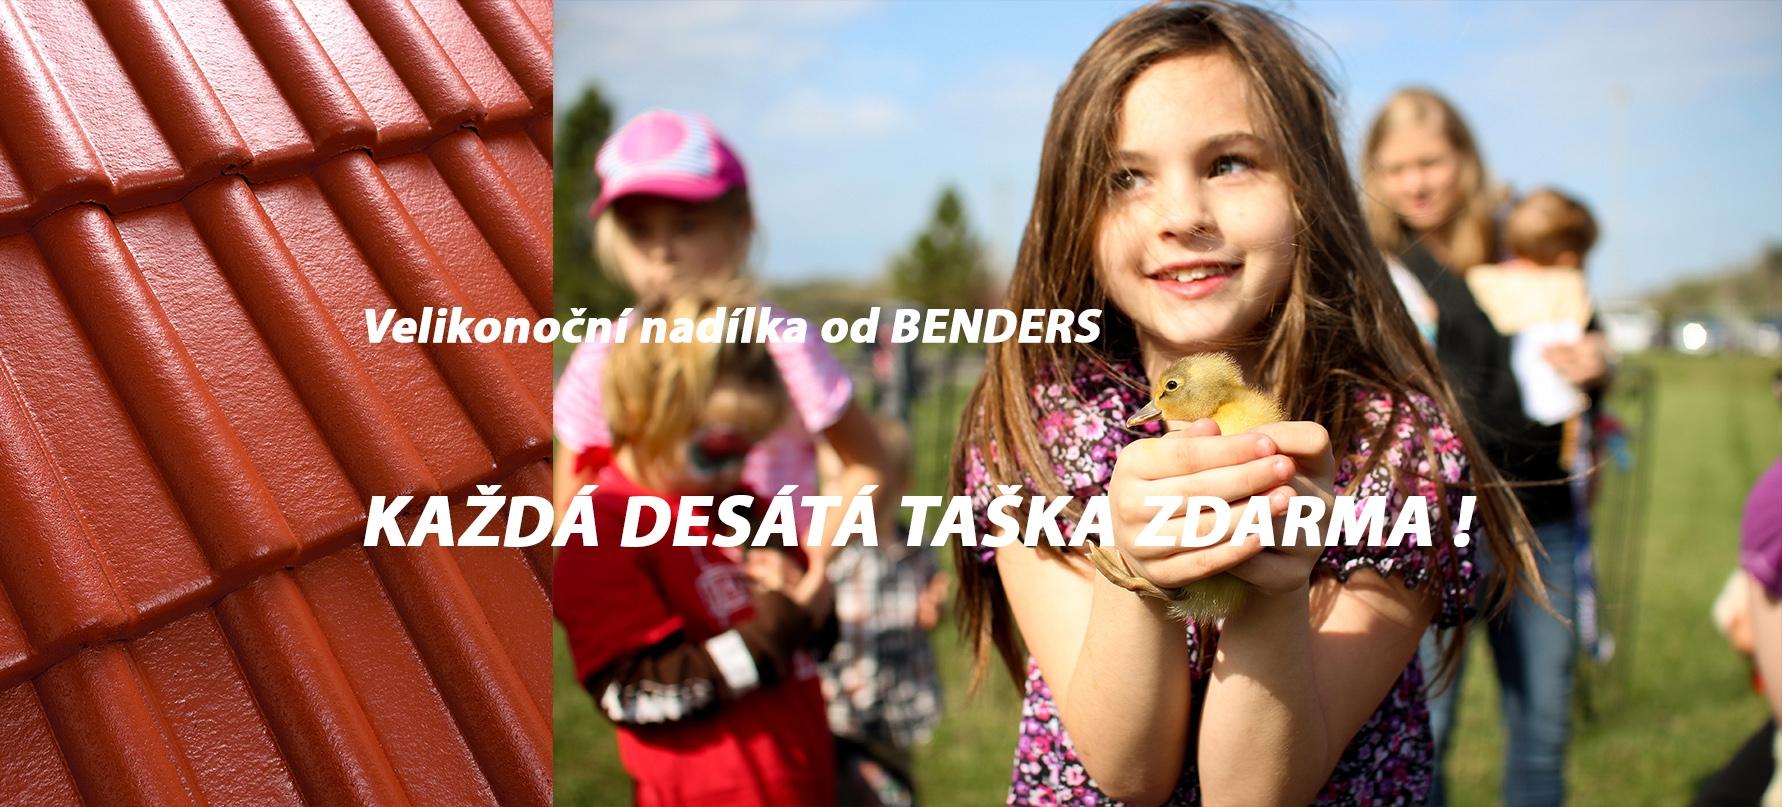 VELIKONOČNÍ NADÍLKA OD BENDERS!